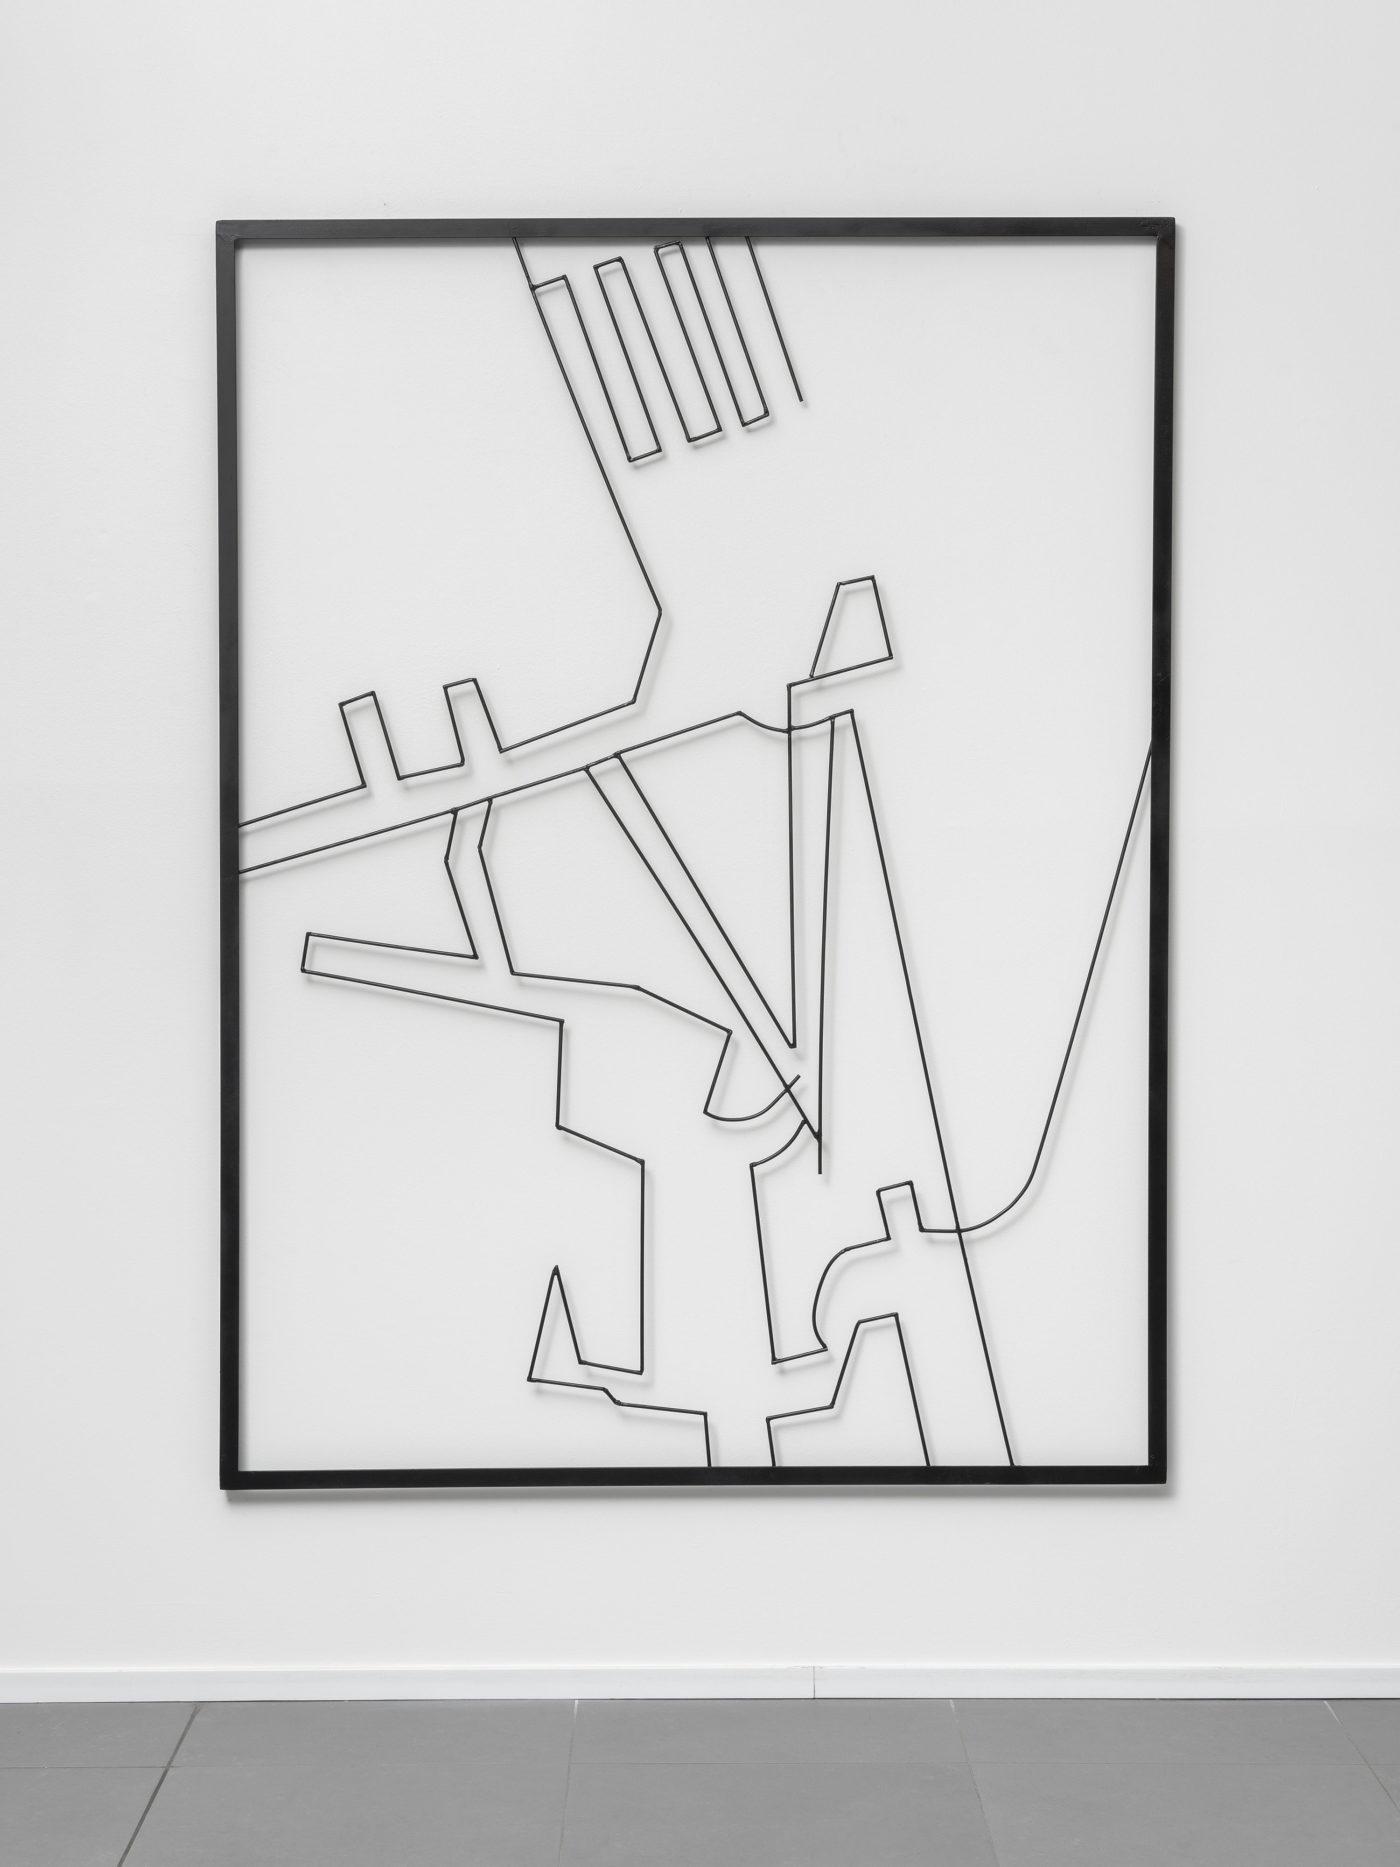 Andreia Santana, Hollow Hands. Spazio Leonardo, Milano. UNA Galleria. Foto, Cosimo Filippini 2020